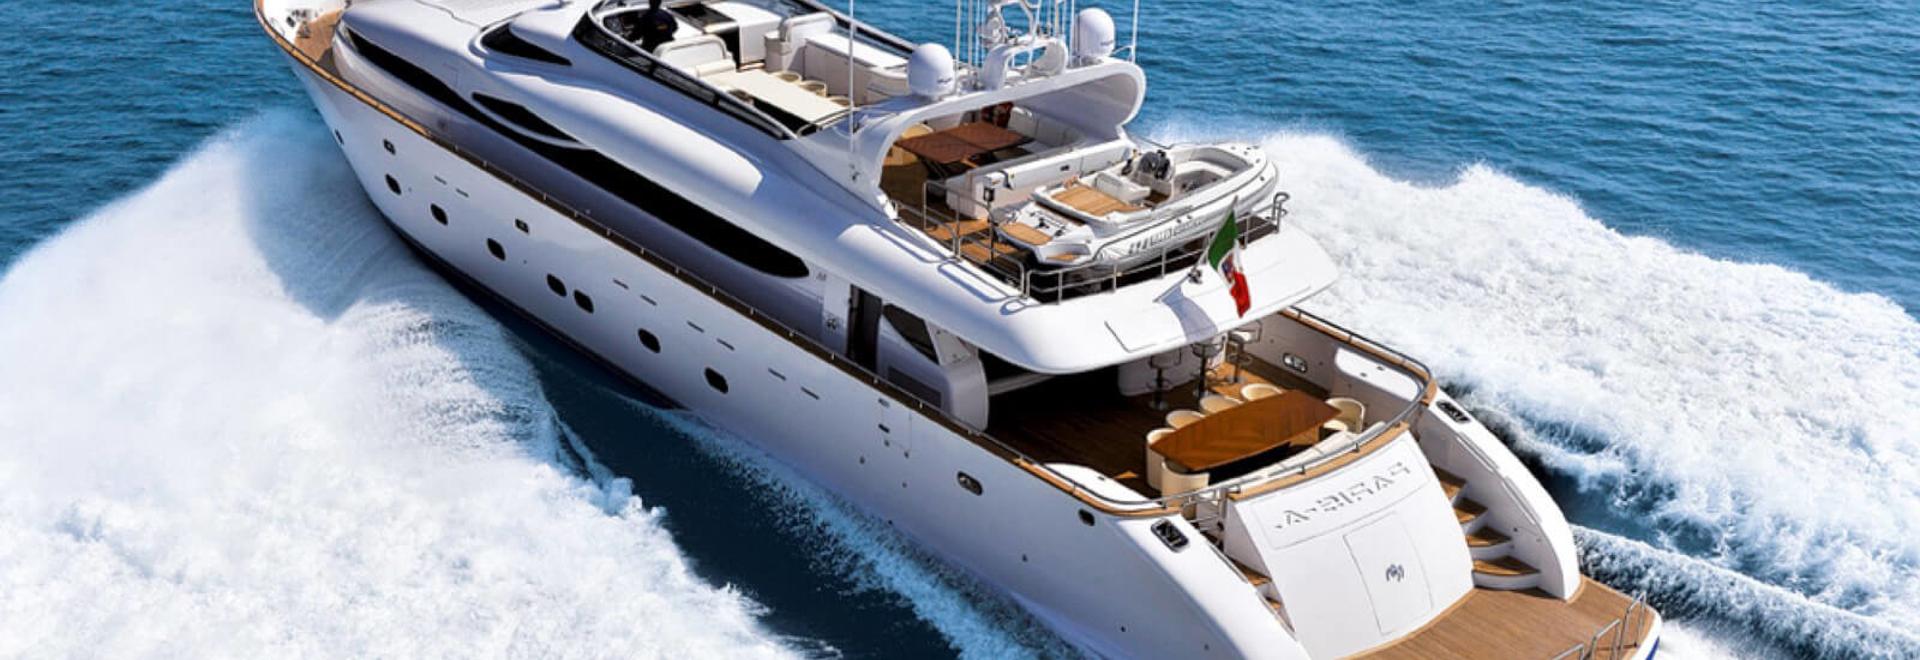 Nouveau sur le marché : Yacht à moteur Maiora de 35 m Paris A